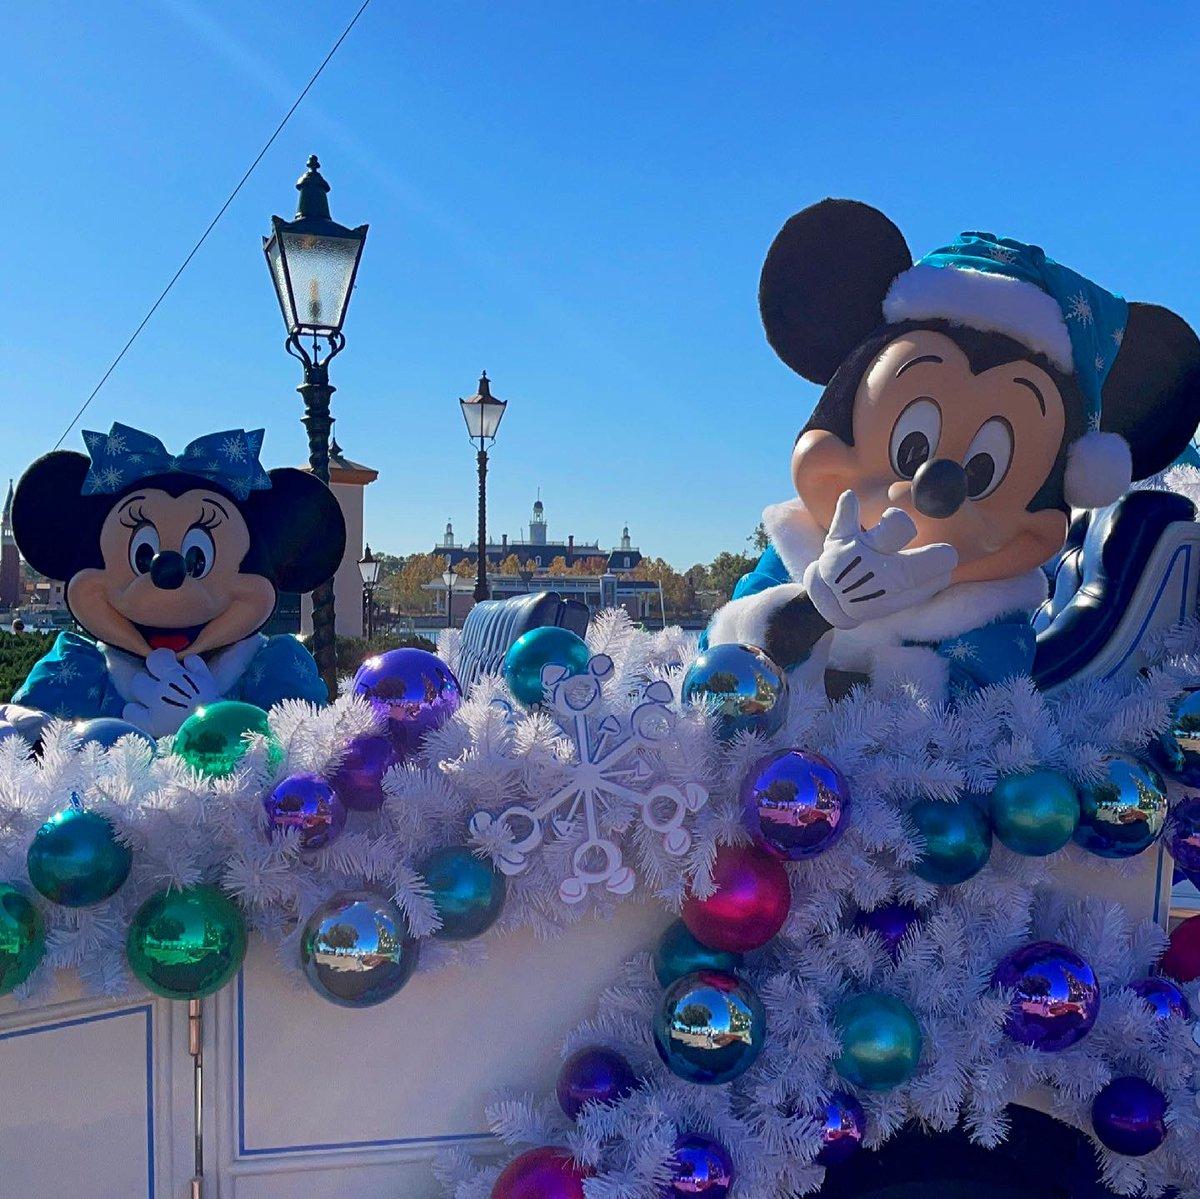 今日は世界的アイドル、#ミニーの日   去年のクリスマスに#エプコット で出会えた 可愛らしいミニーちゃんをシェアハピ✌️  今年はもっともっと可愛いミニーちゃんを拝めたら良いですね🥺❤️  #ミニー #ミッキー #海外ディズニー #ウォルトディズニーワールド #ミキミニ